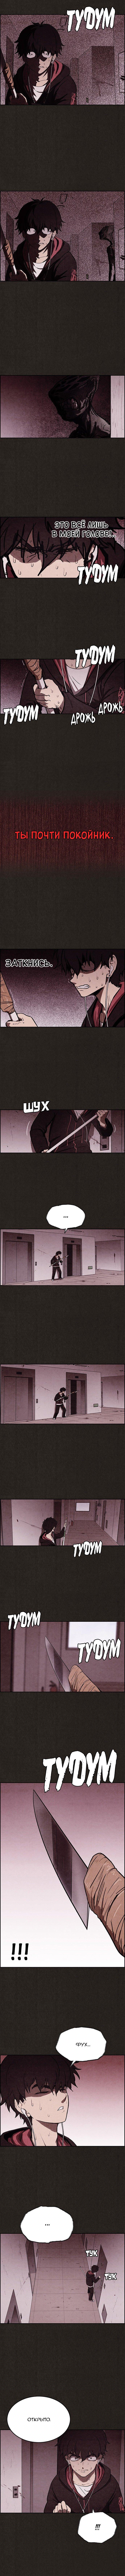 Манга Милый дом / Sweet Home (HWANG Youngchan) - Том 1 Глава 16 Страница 4